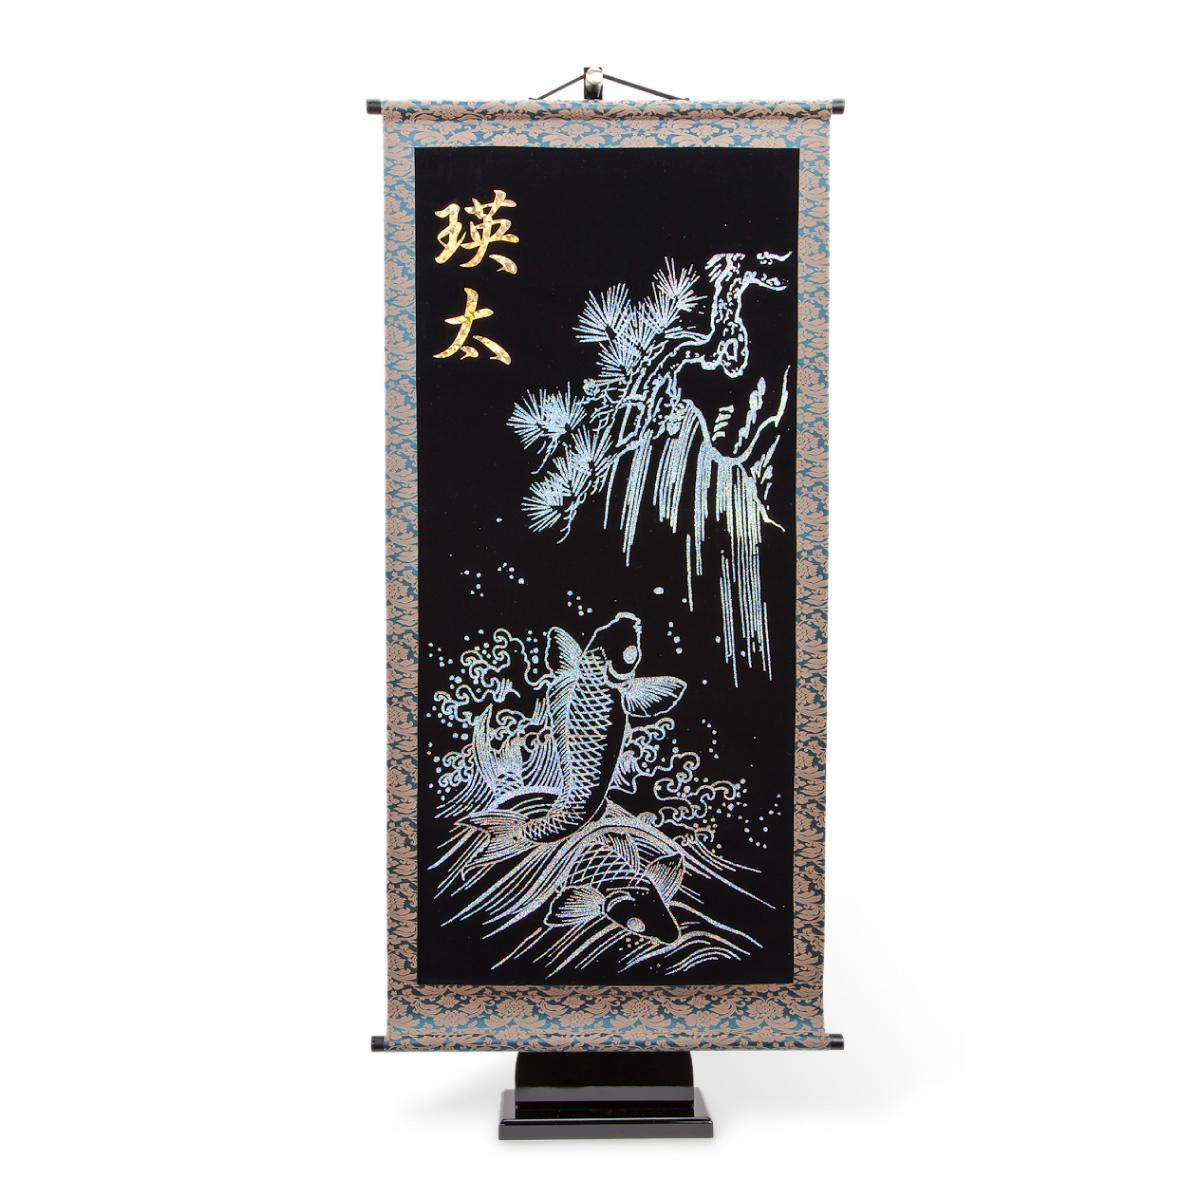 五月人形 【鯉のぼり】【こいのぼり】 名前旗 「ホログラムタペストリ【鯉の滝登り】」 ●名入れ 掛け軸 鎧兜